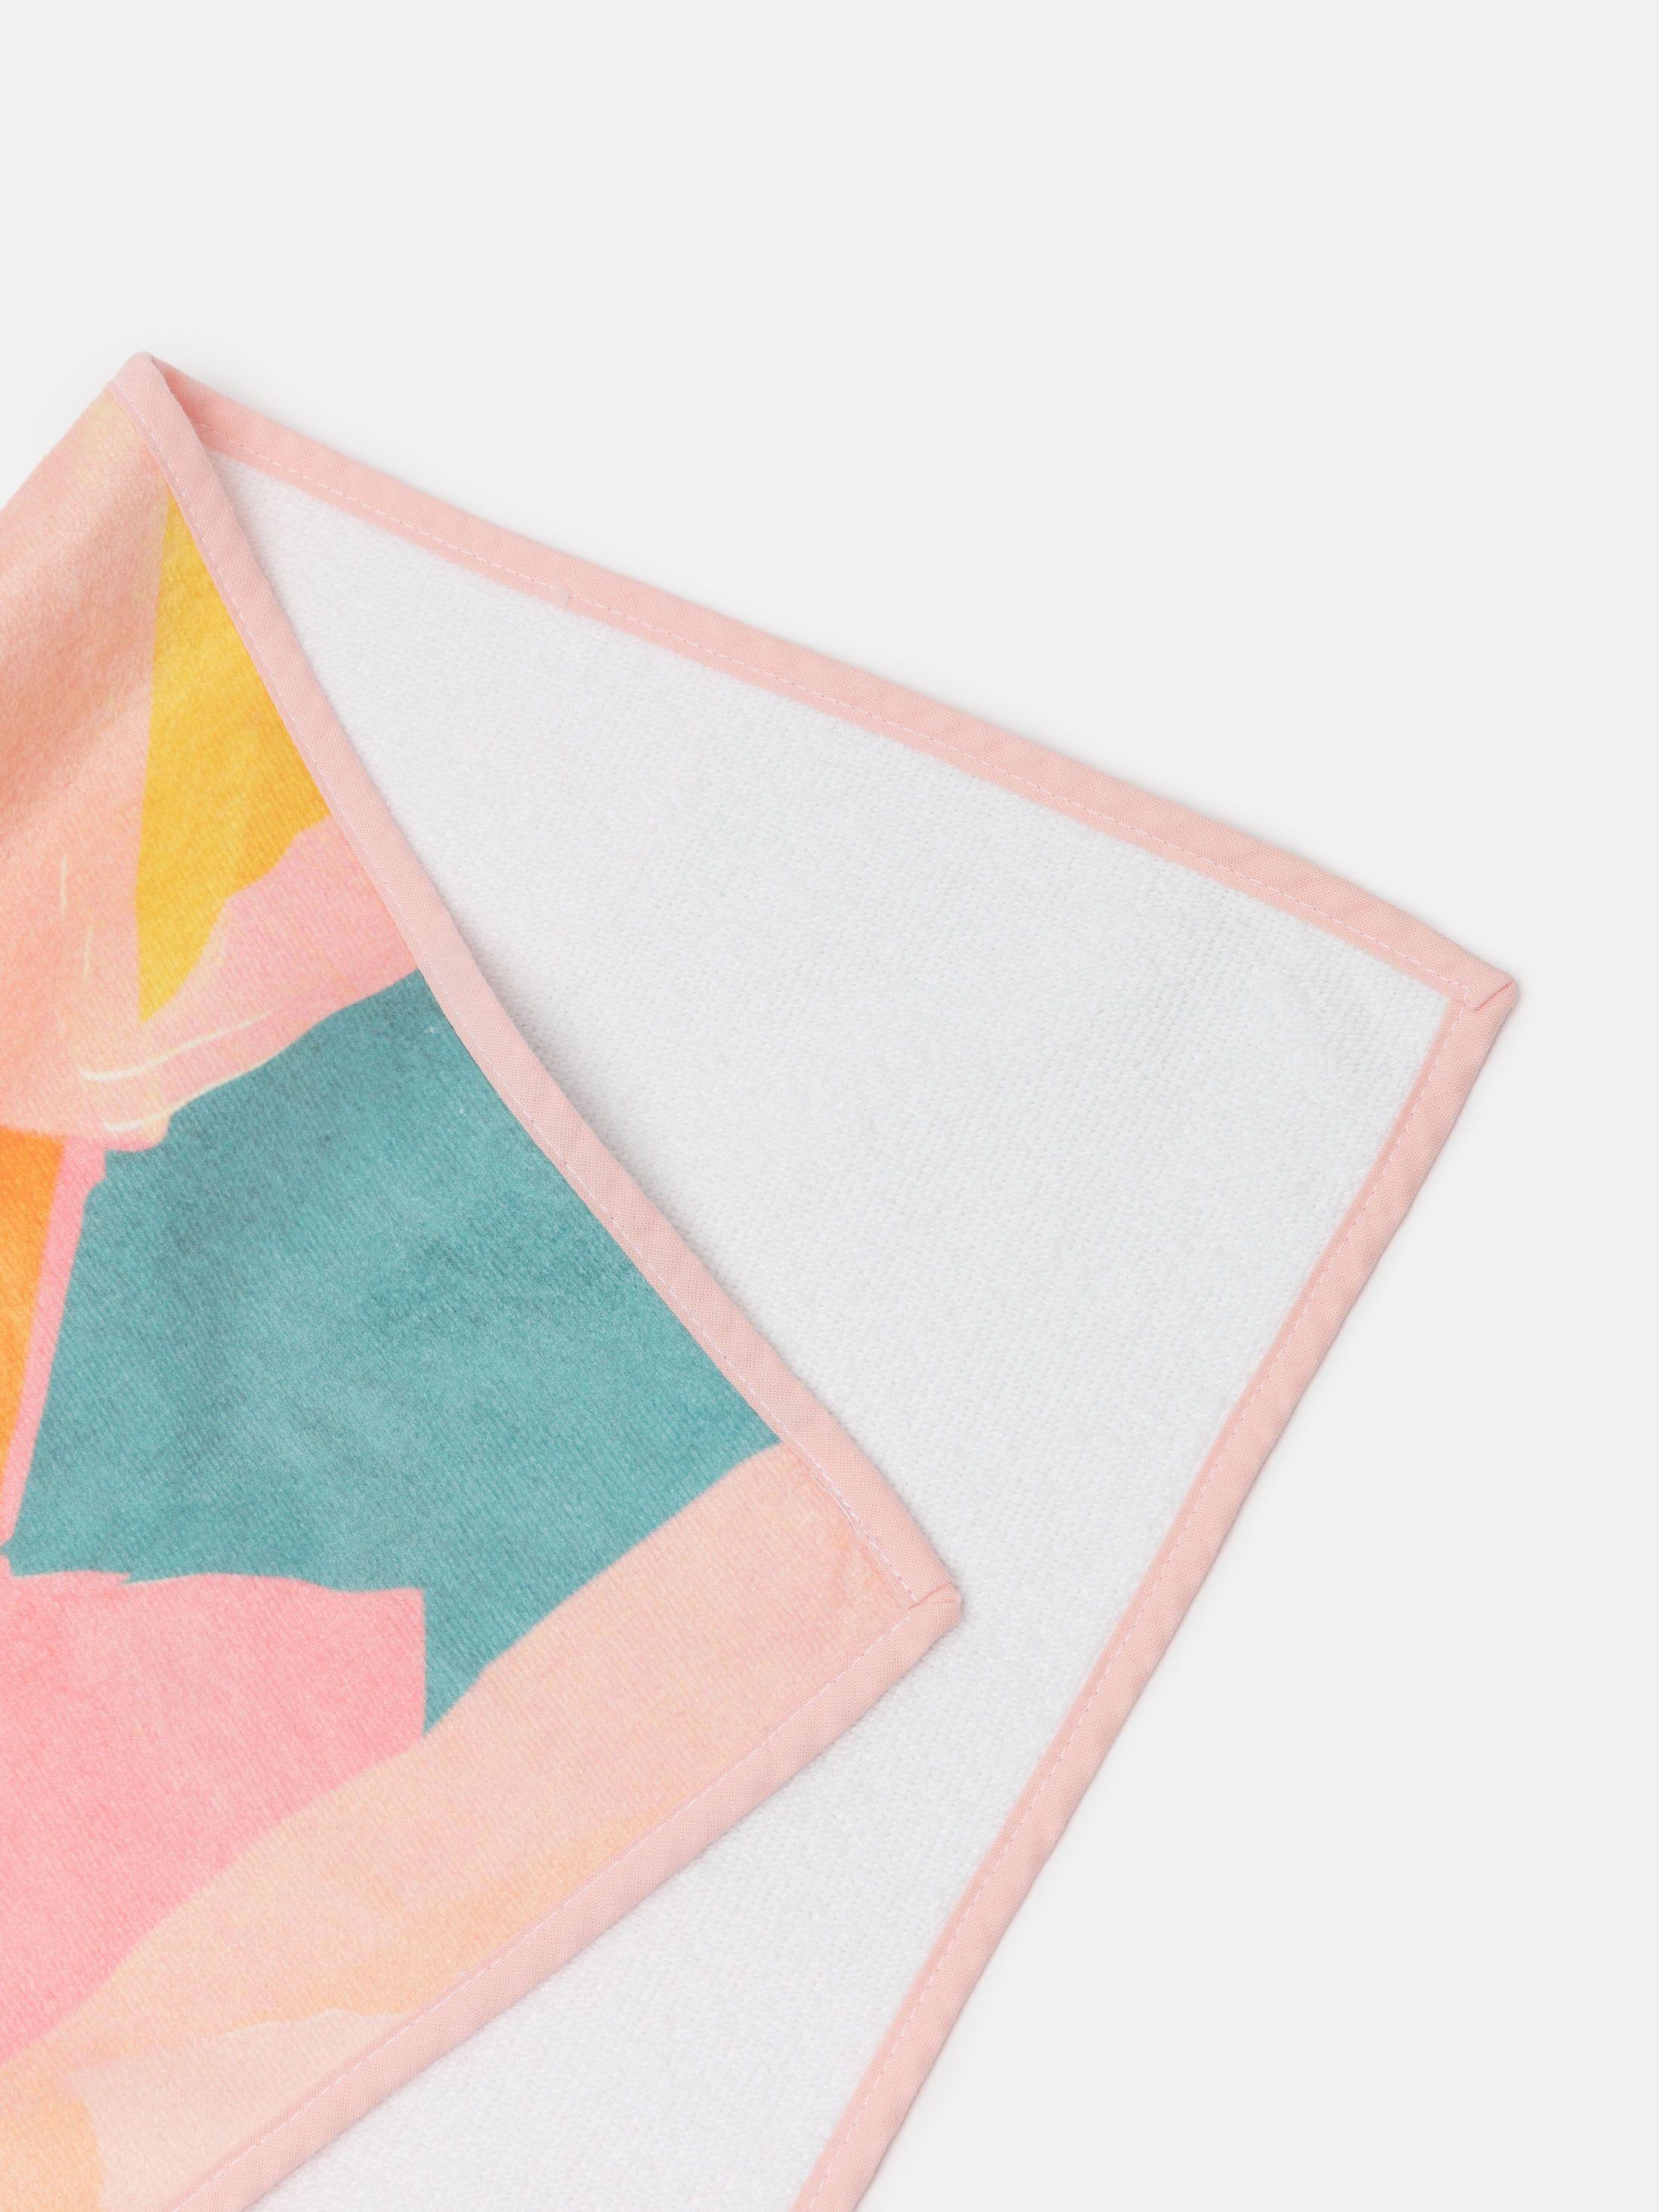 Farbauswahl Saum für bedrucktes Strandtuch